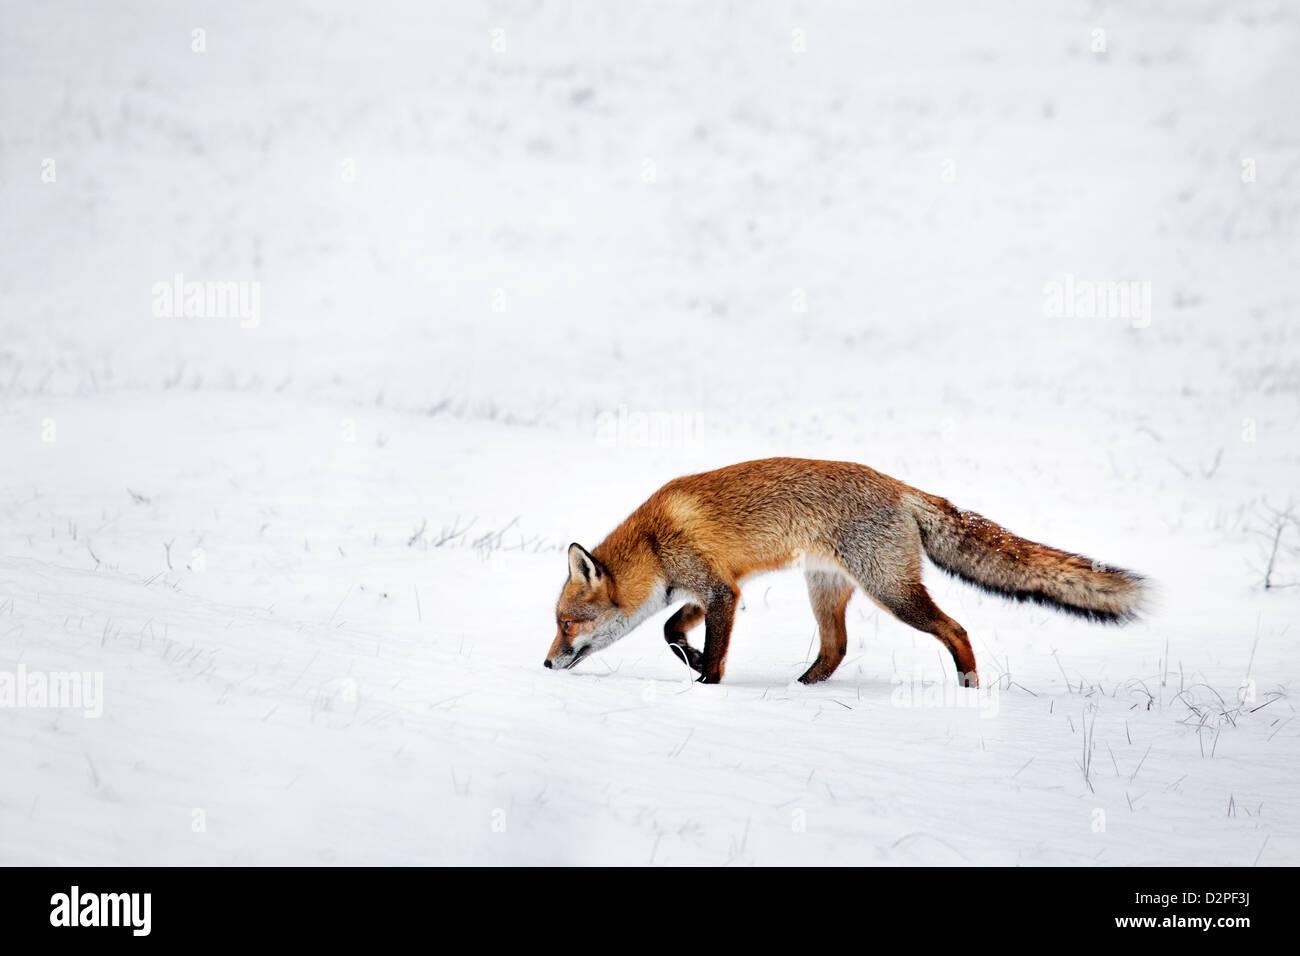 La Caza El Zorro Rojo (Vulpes vulpes) siguientes scent trail por presas en prados cubiertos de nieve en invierno Imagen De Stock